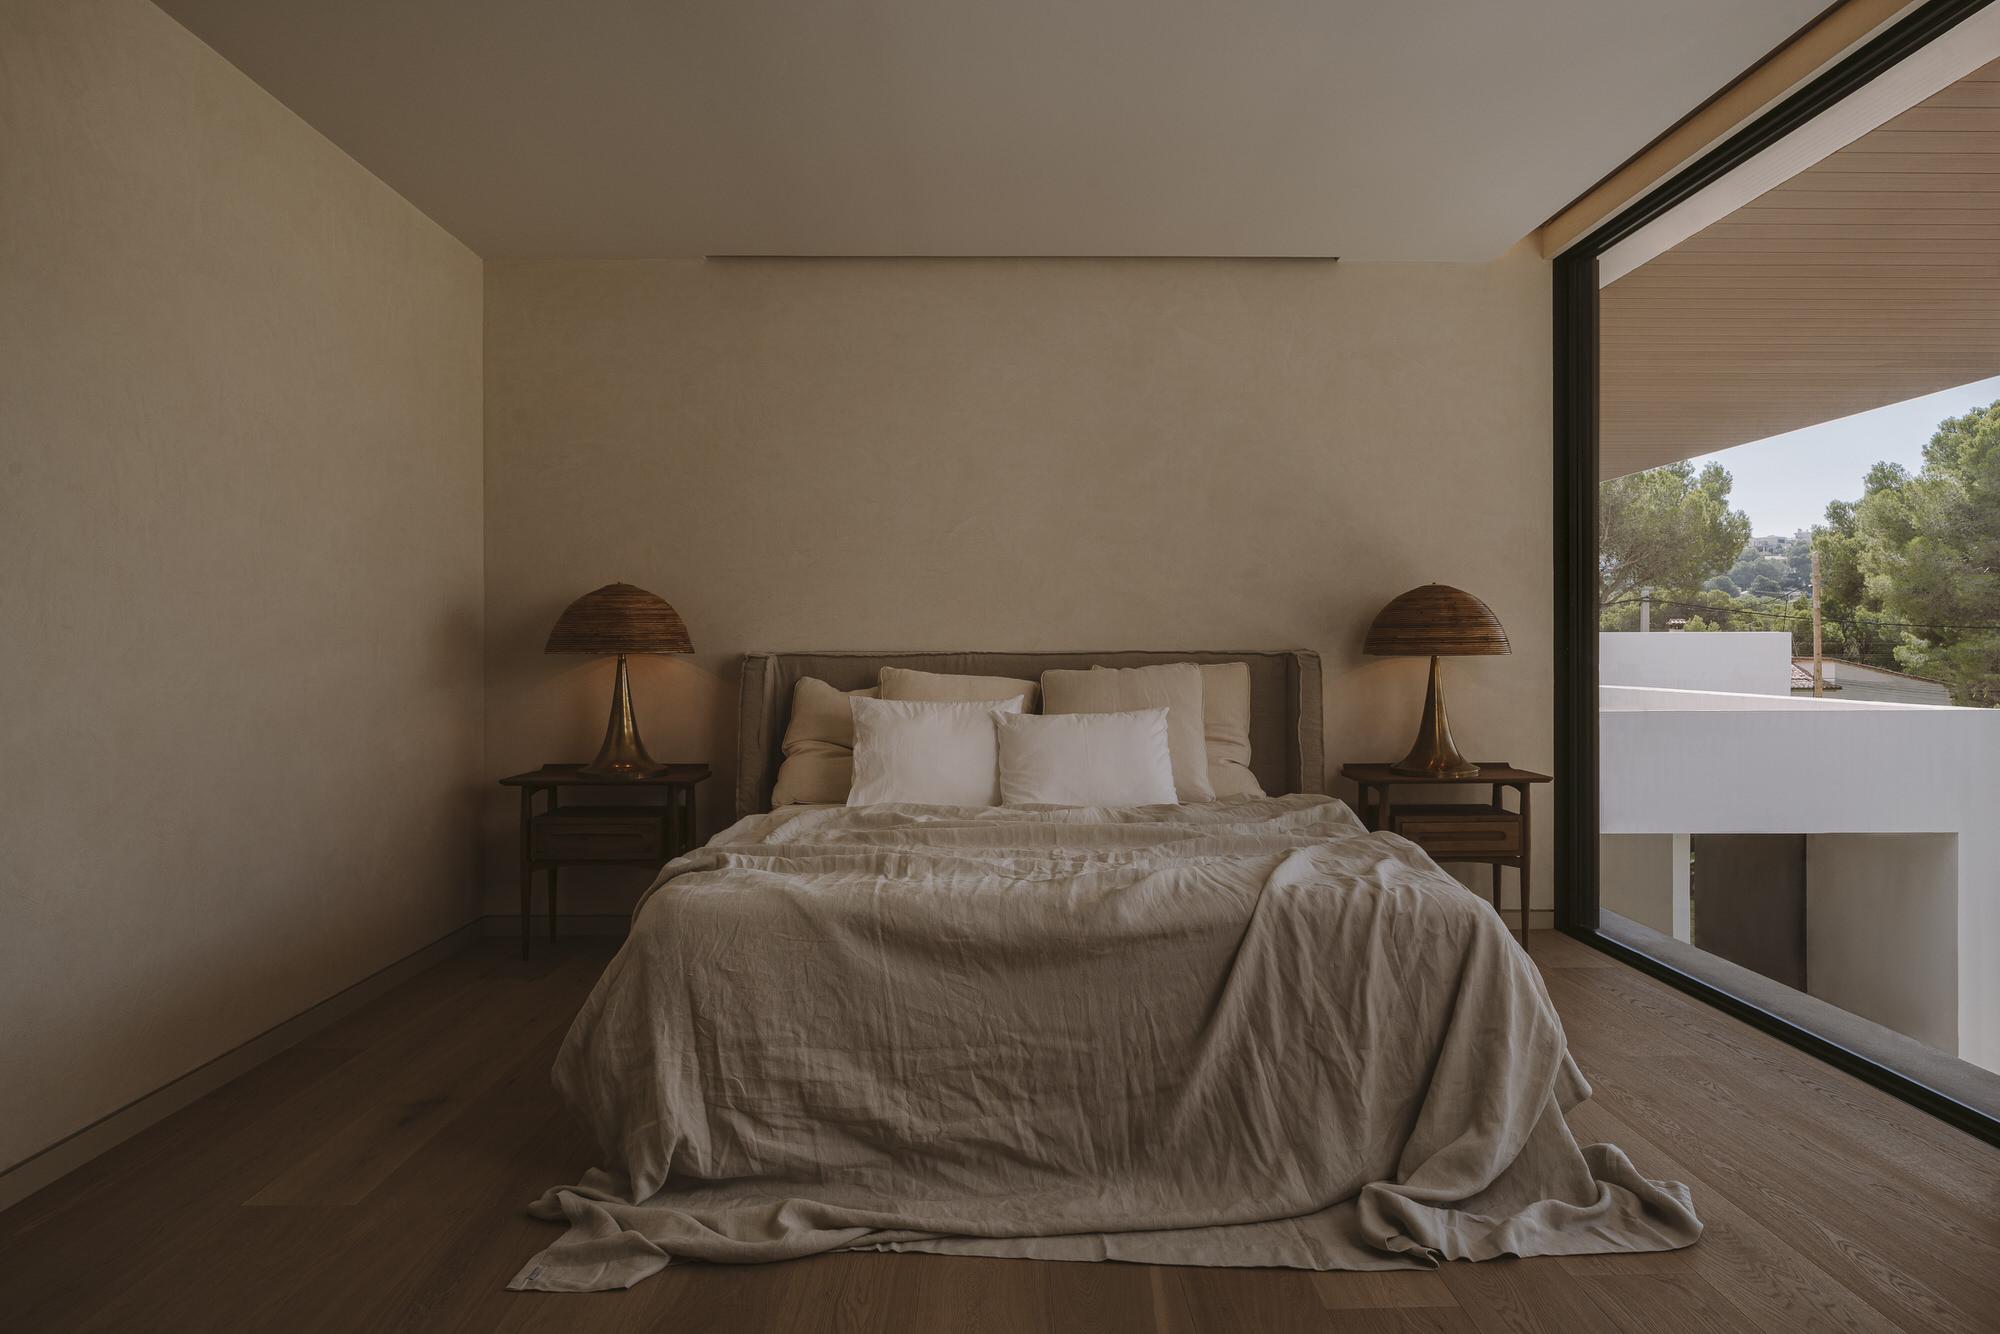 Paradowski Studio Pdm House Majorca Photo Pion Studio Yellowtrace 44